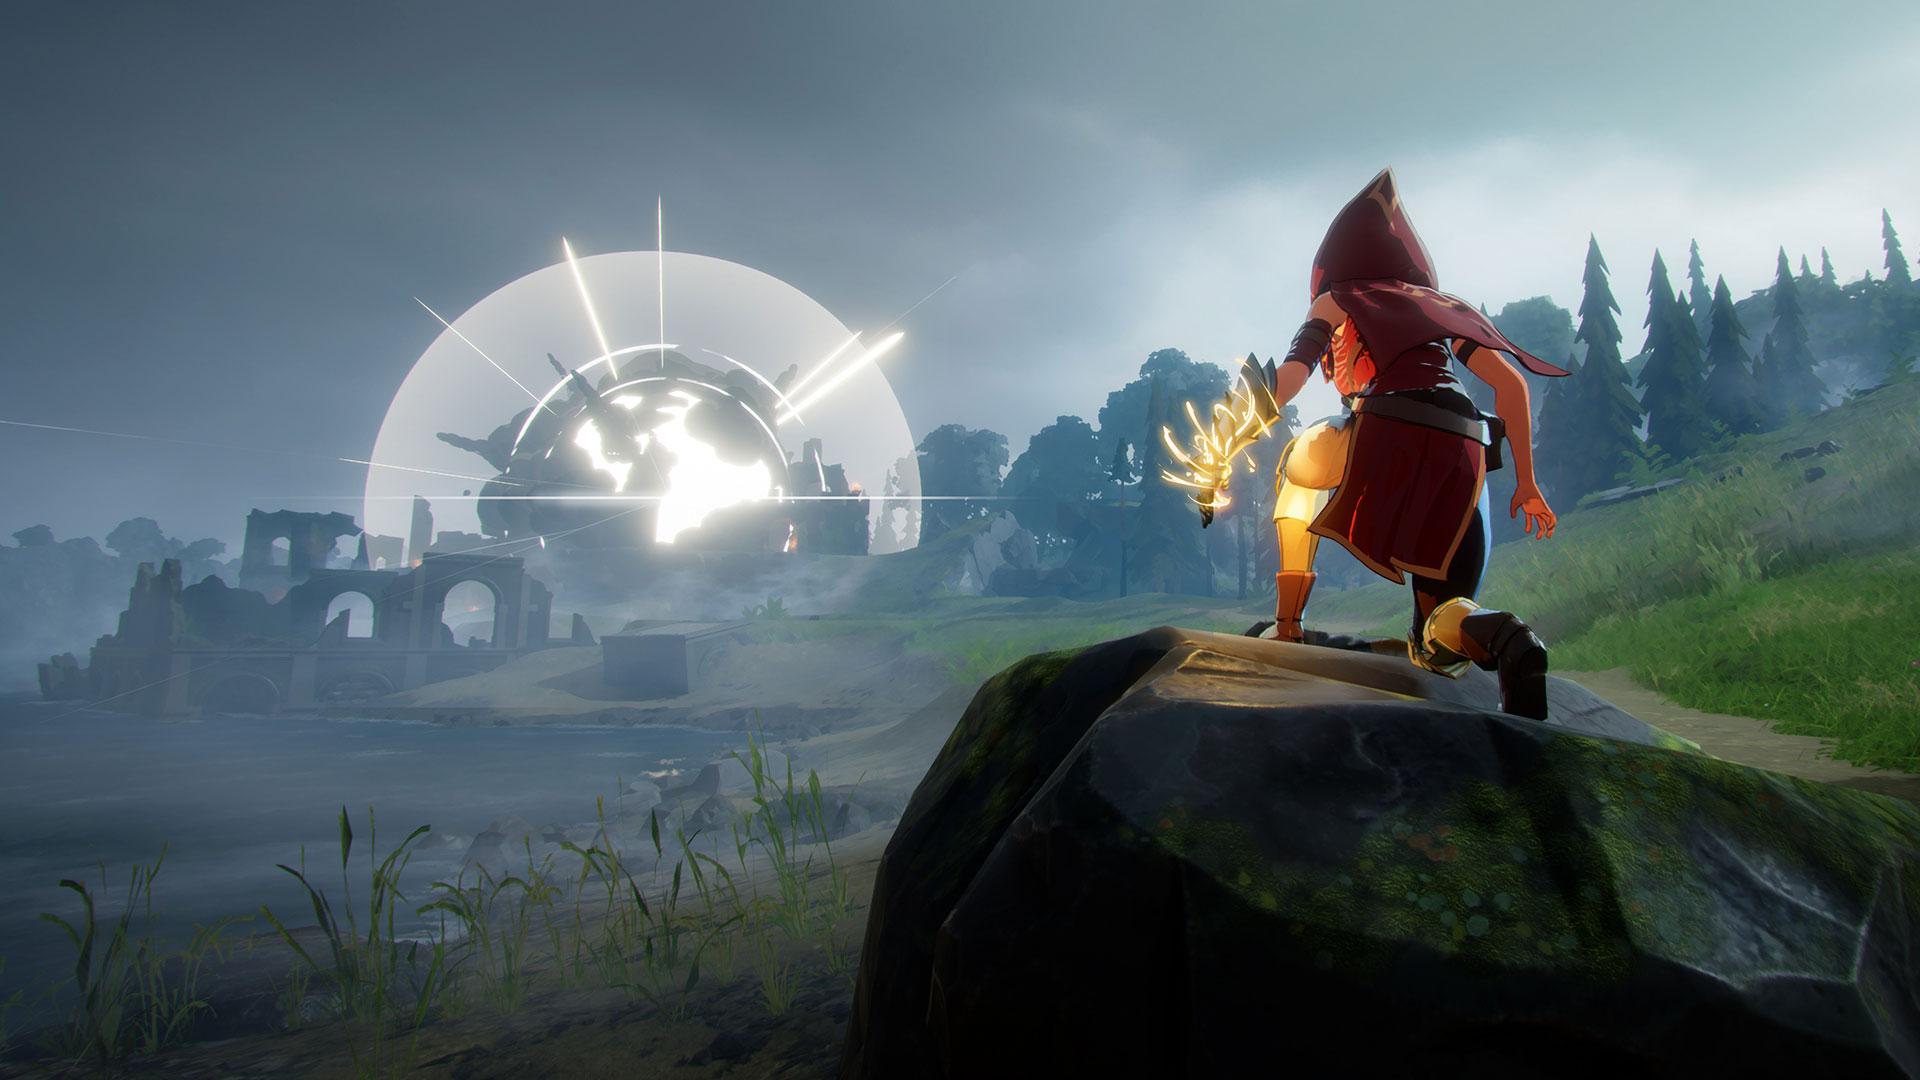 Cool Wizards Will Battle In A Royale Manner In Spellbreak